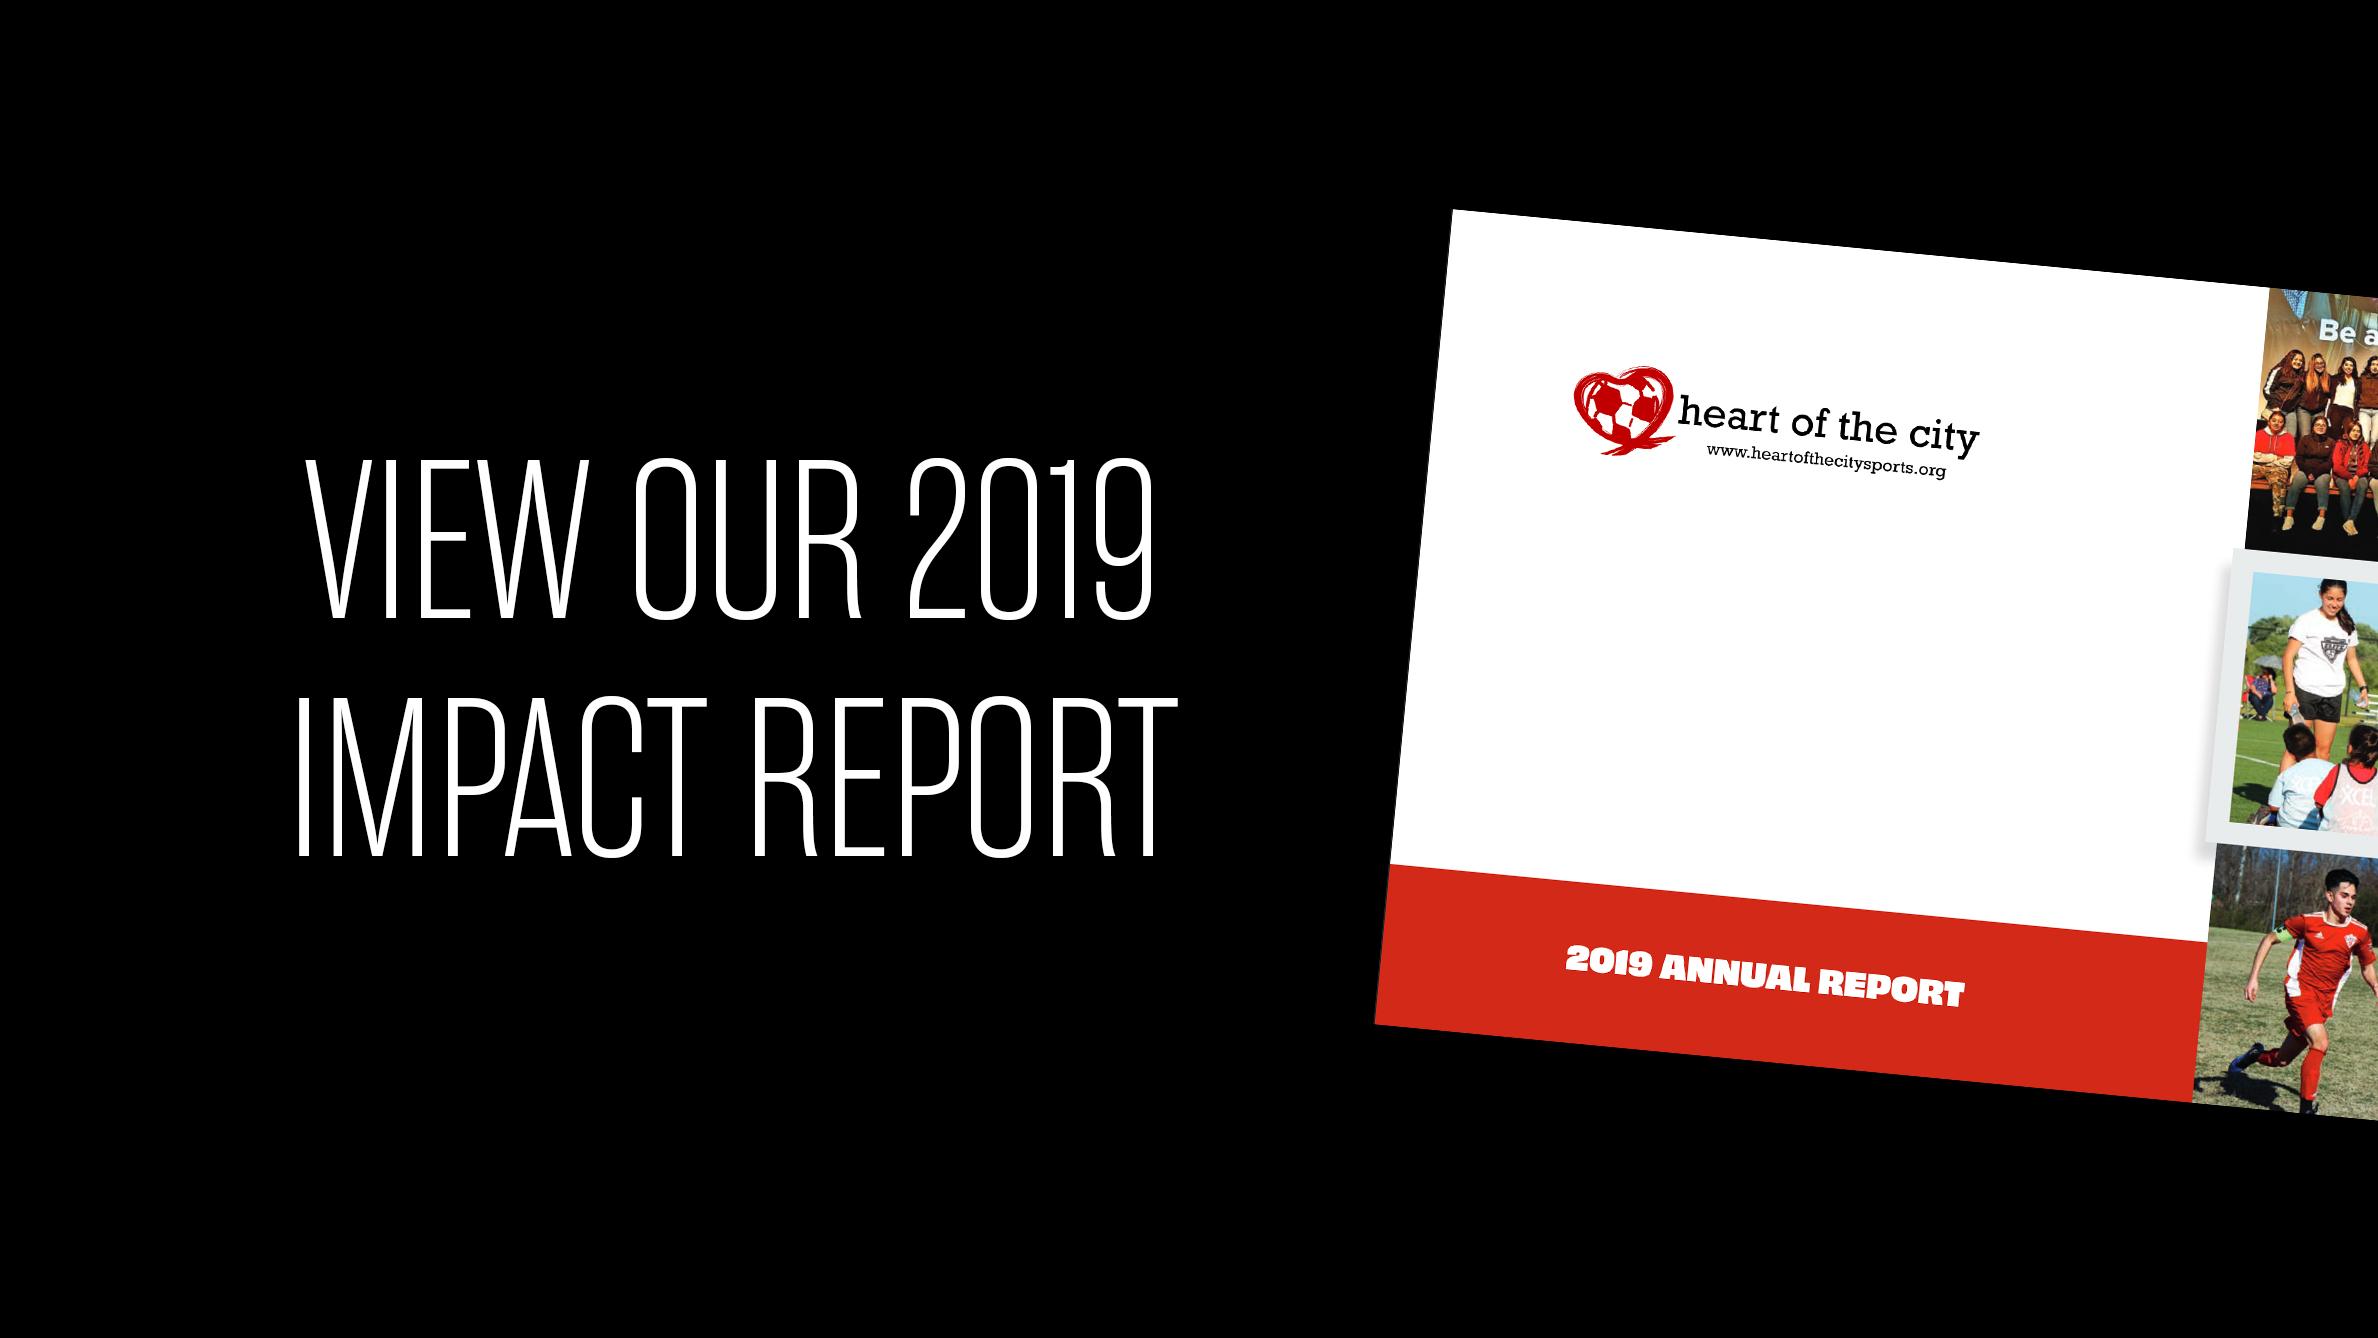 HOTC_2019_Impact_Report_Banner